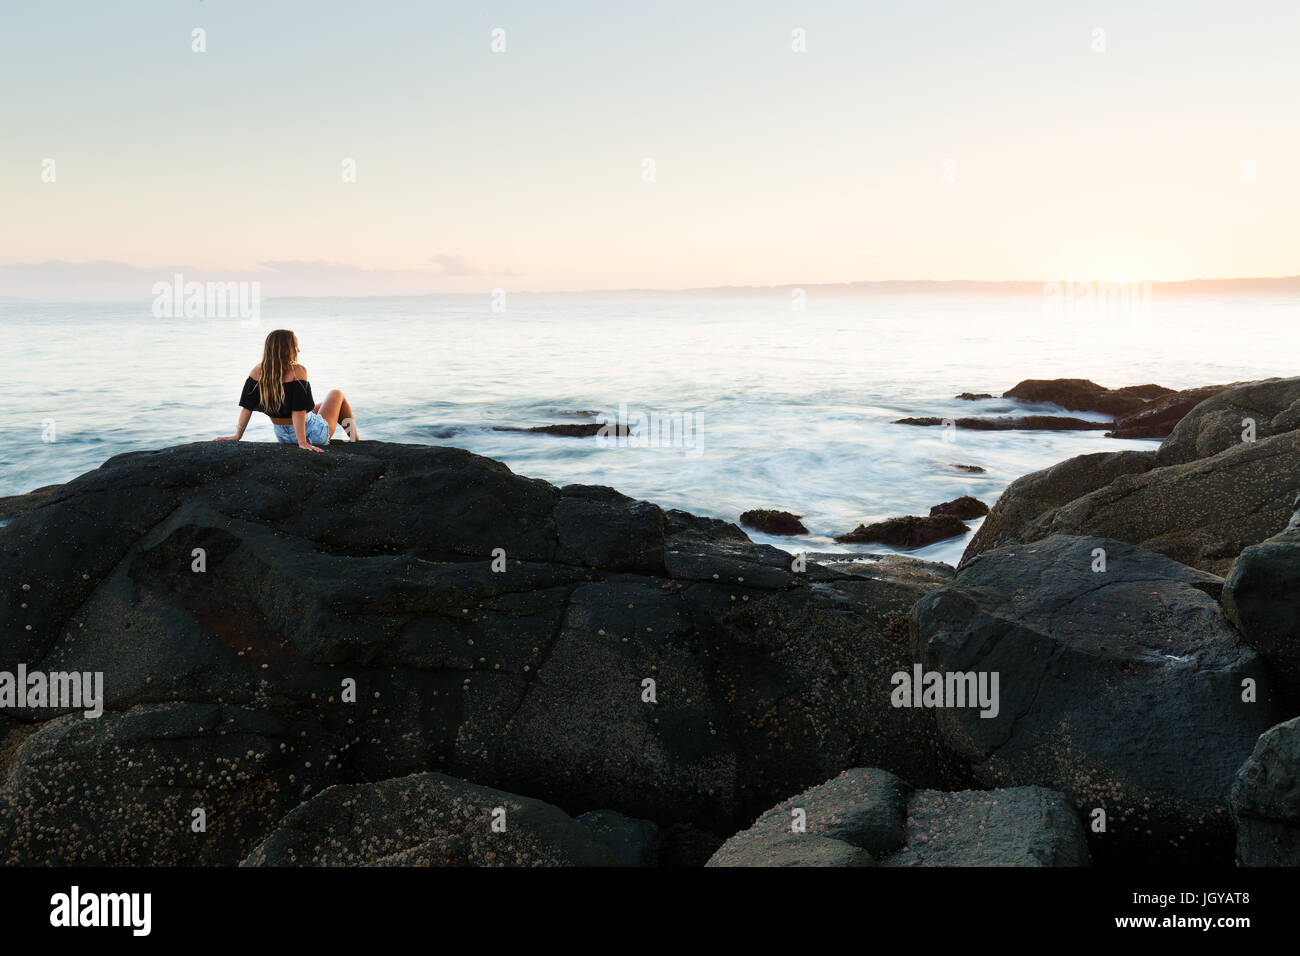 Ein gesundes junges Mädchen sitzt auf einem Stein und beobachtet den Sonnenuntergang über einem herrlichen Stockbild